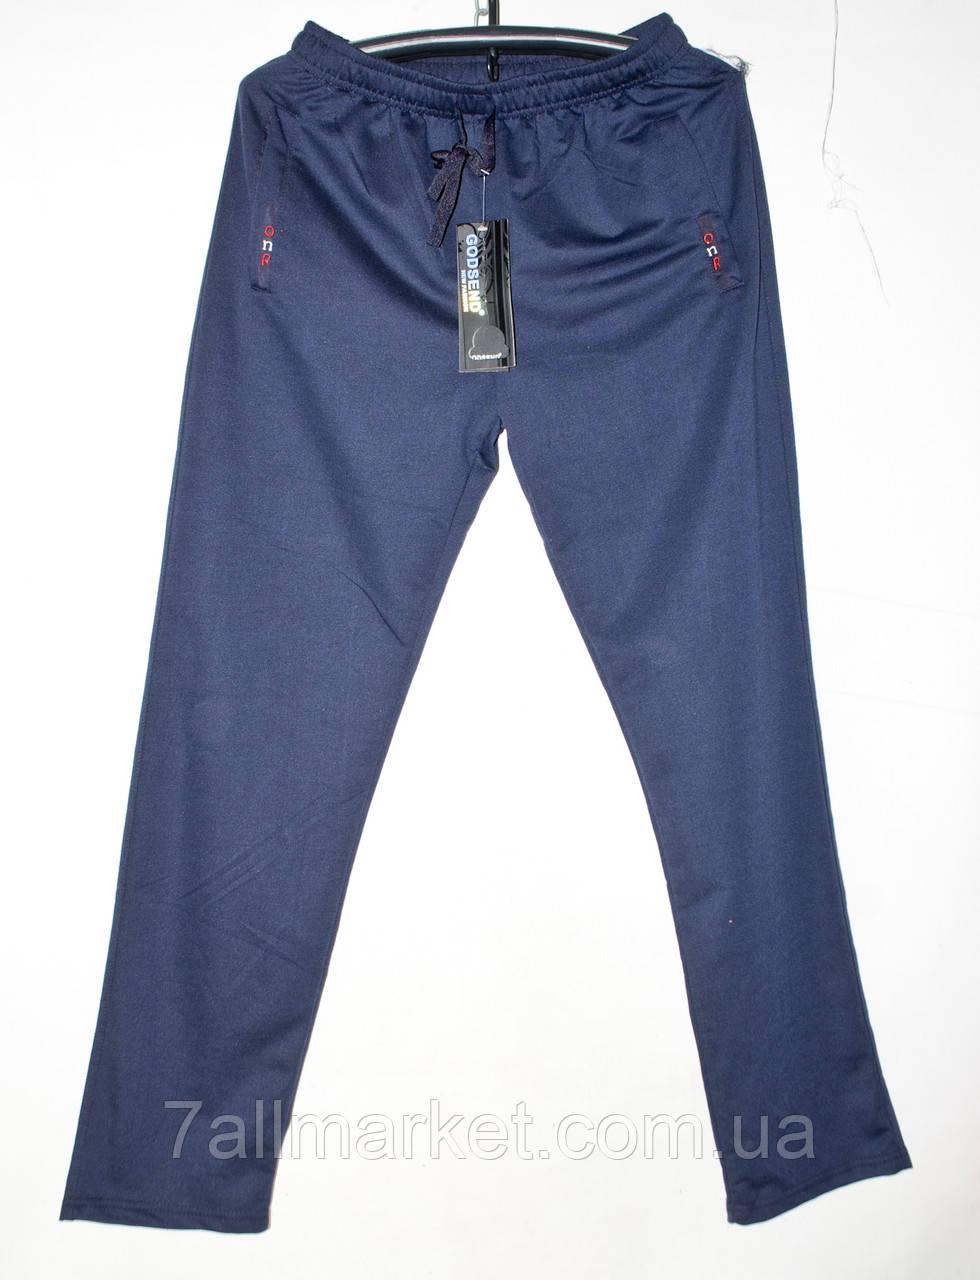 07ce01ad5a7 Спортивные штаны мужские модные без манжетов размеры 48-54 Серии